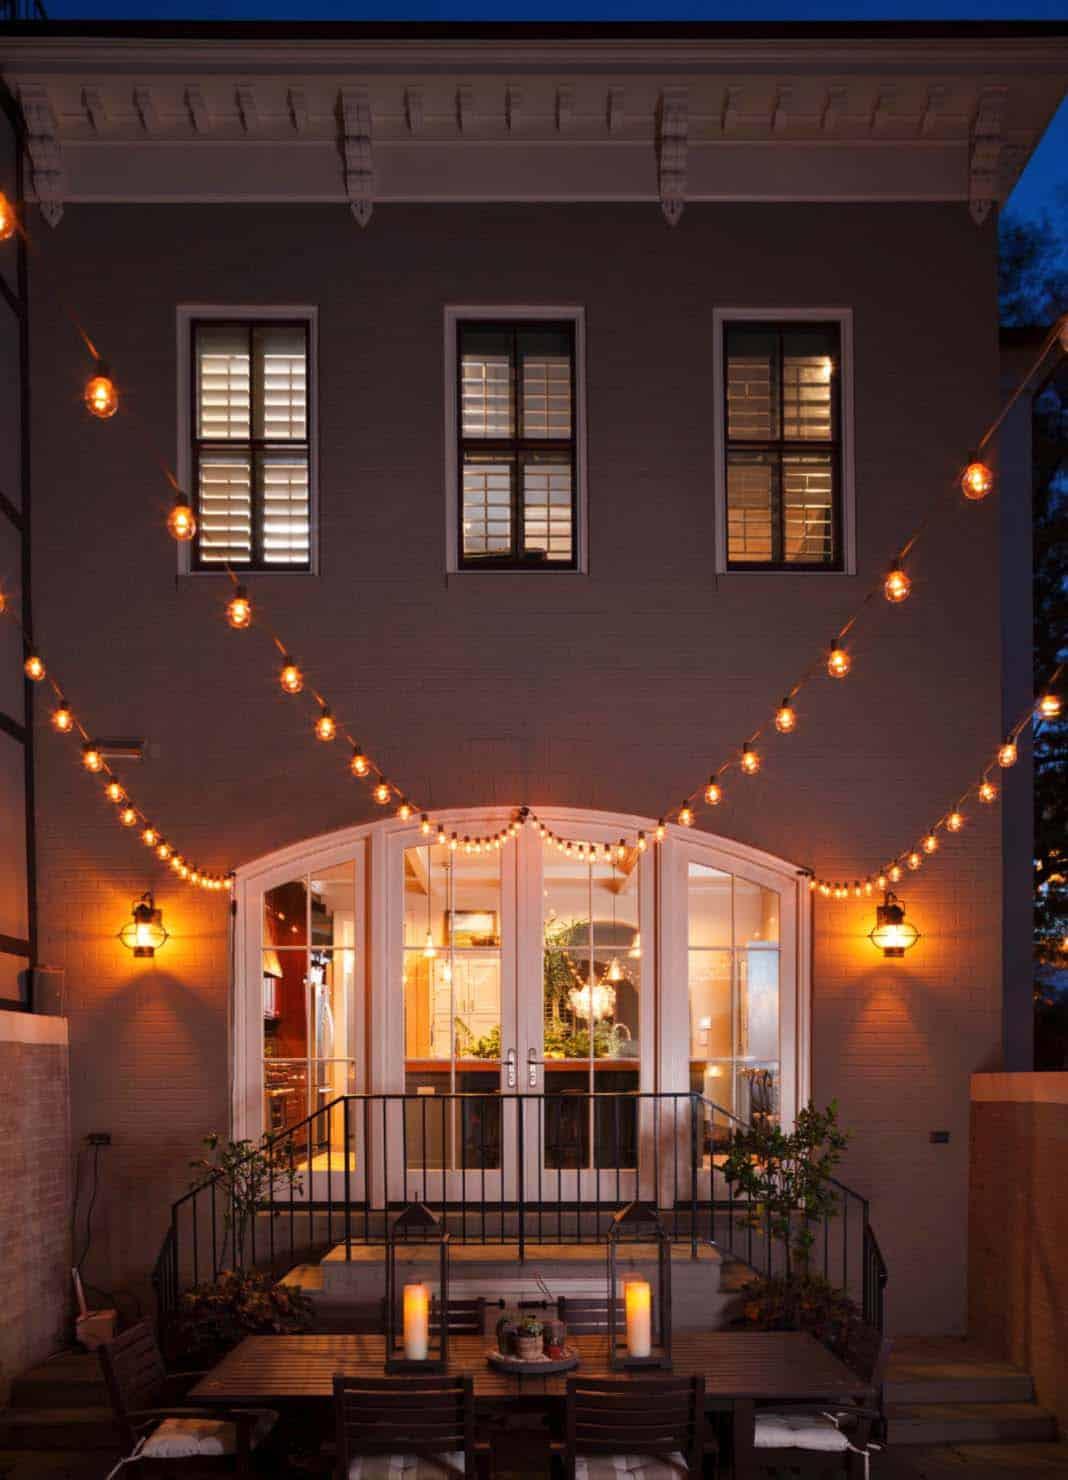 Rénovation de maison de style transitionnel-Lawlor Architects-17-1 Kindesign